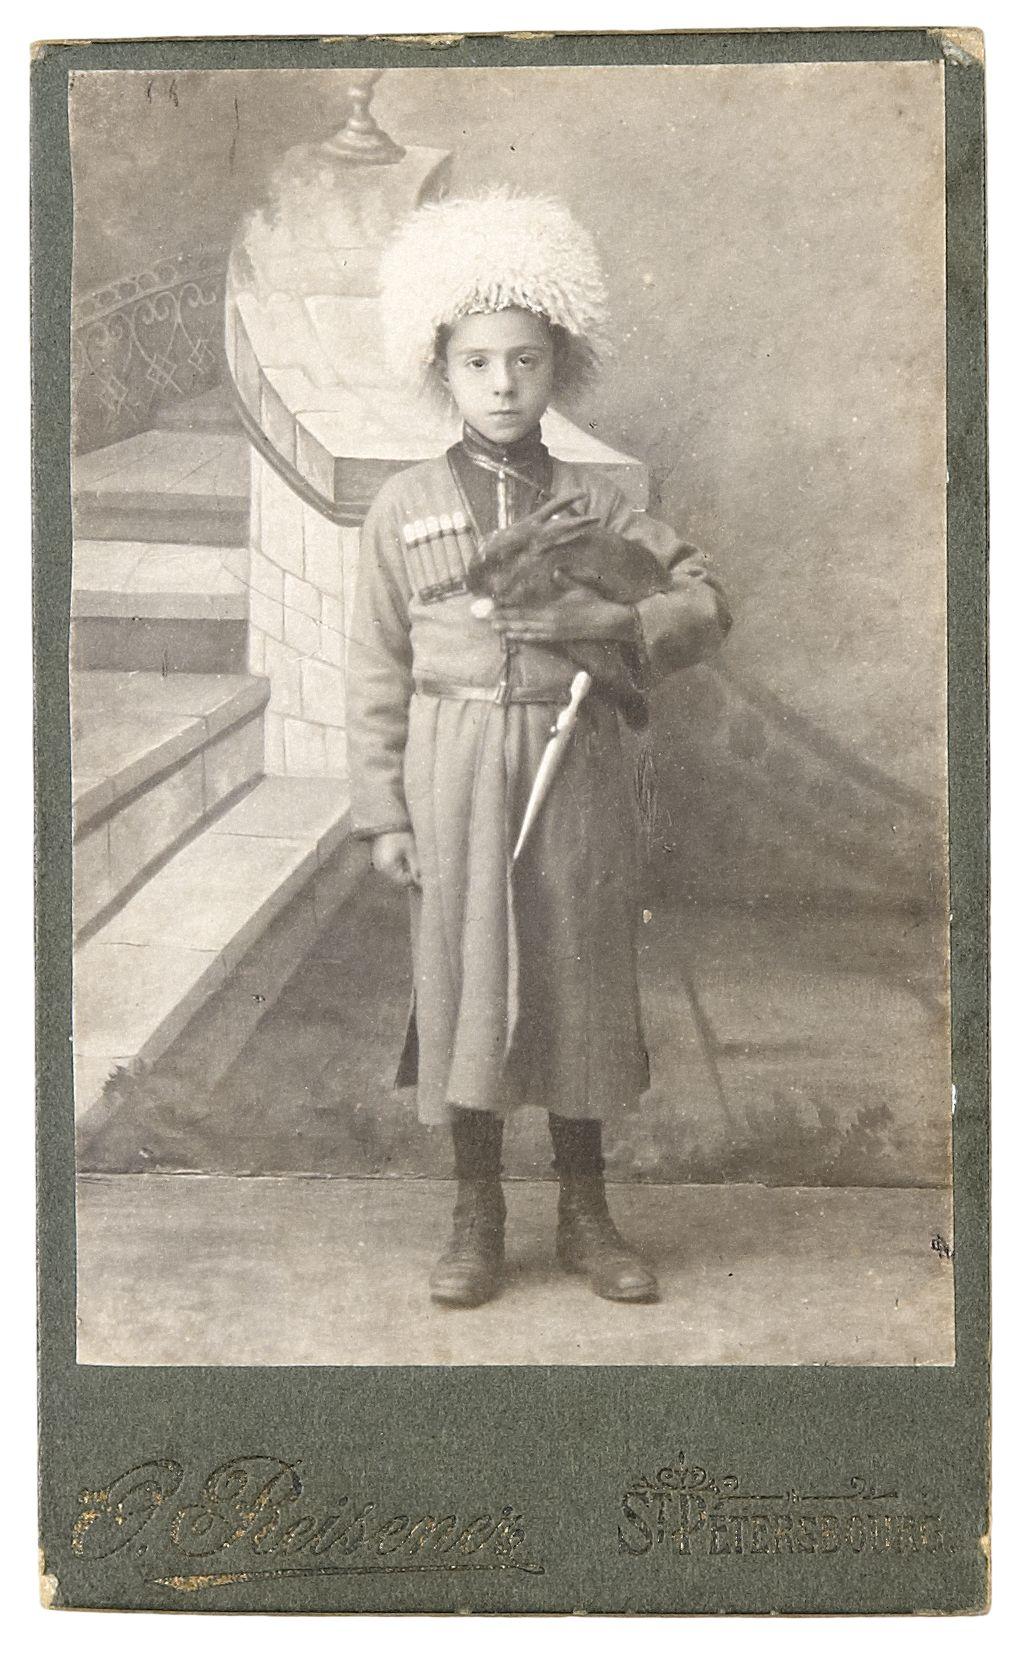 Фото мальчика в горском или казачьем национальном костюме. 1900-е